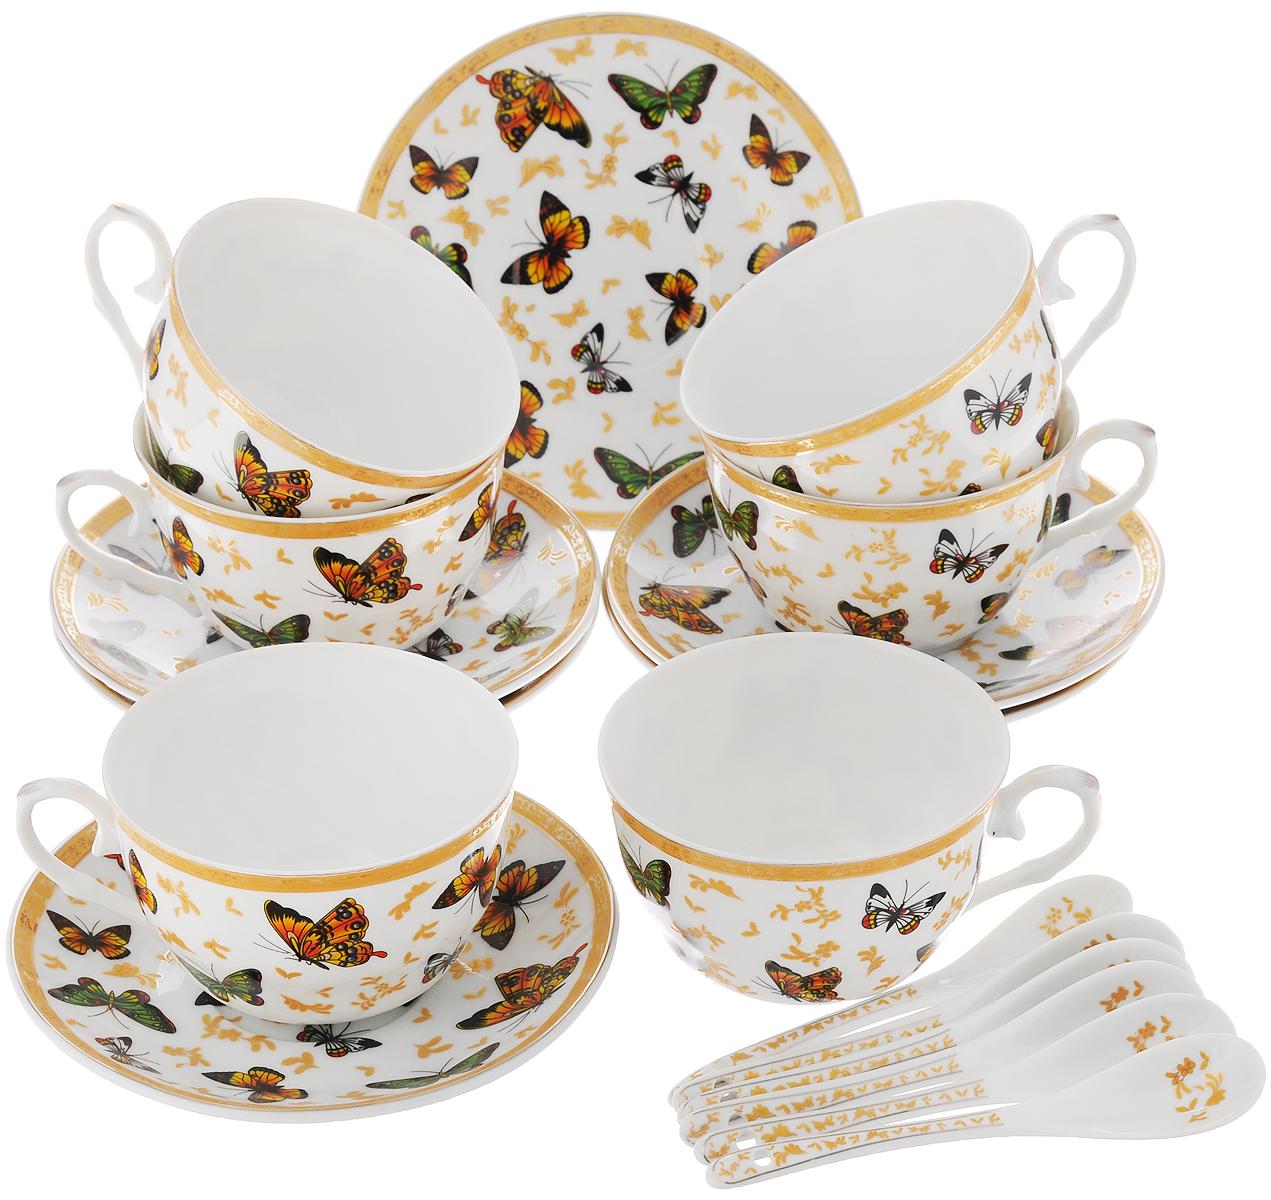 Набор чайный Elan Gallery Бабочки, с ложками, 18 предметов кофейный набор elan gallery бабочки